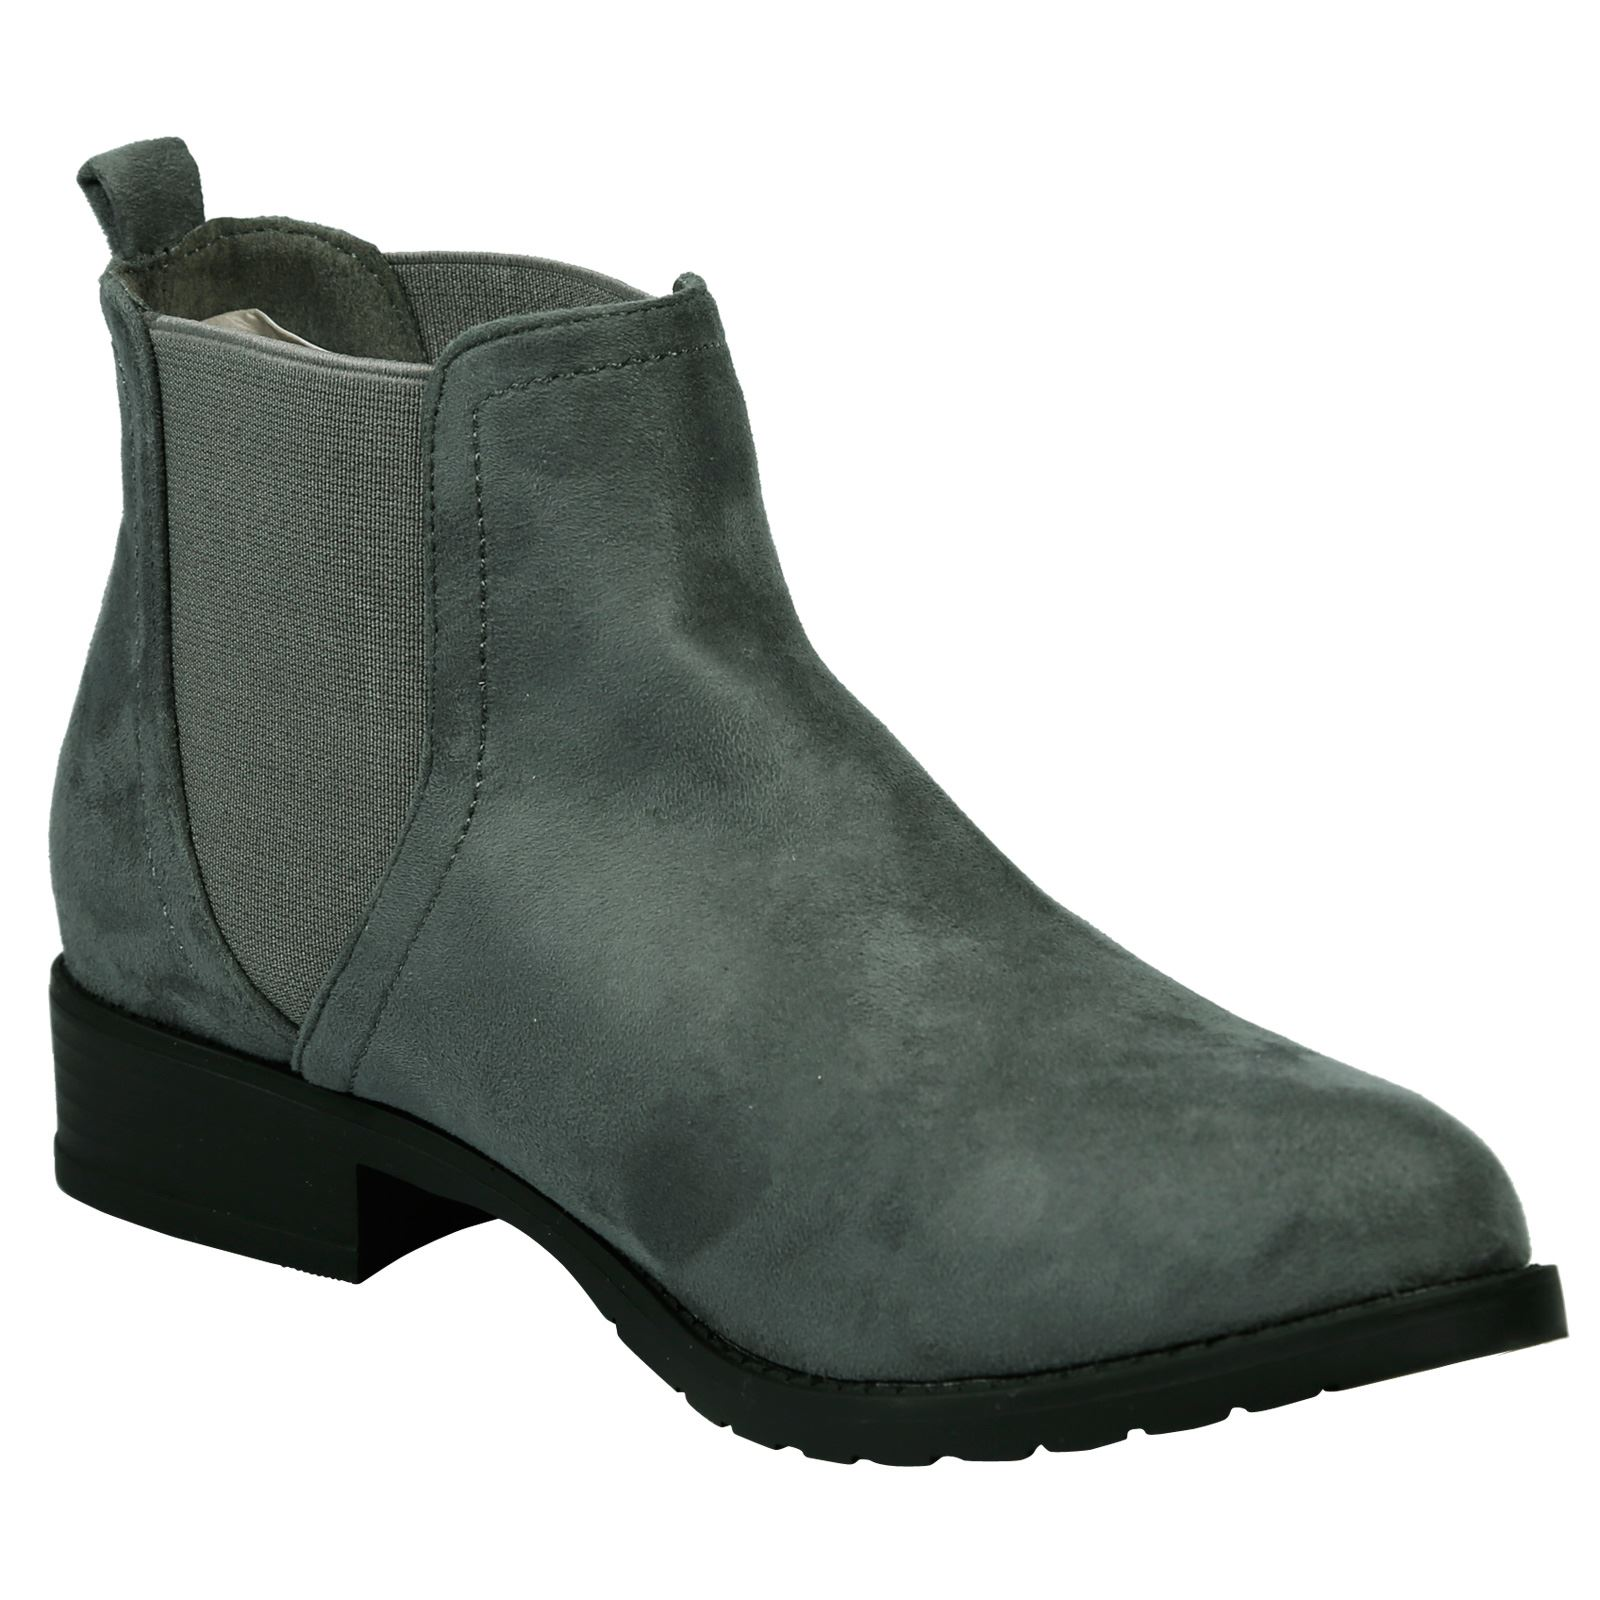 Mujer Botas al Tobillo Zapatos Planos Señoras Estilo Chelsea Casual Talla Tire de invierno